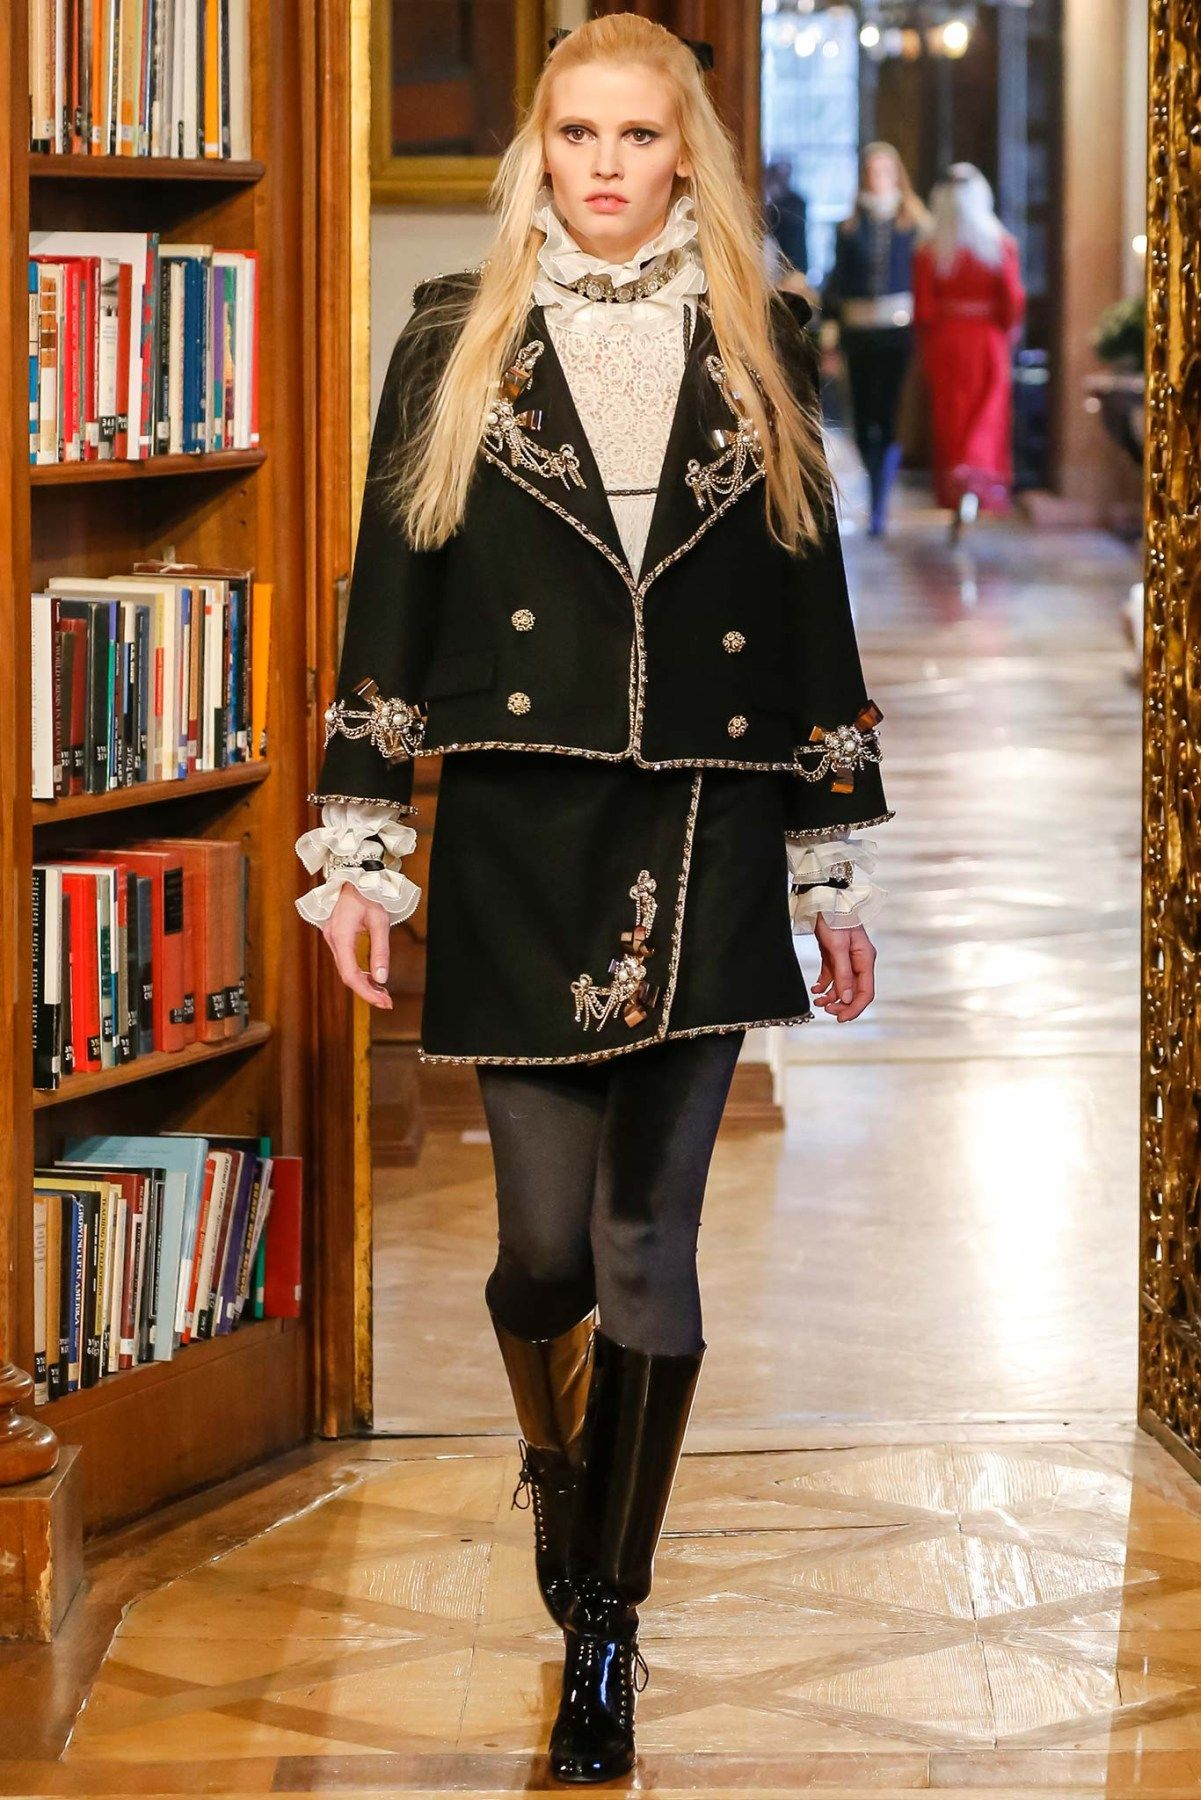 Coleção // Chanel, Paris, Pre-Fall 2015 // Foto 1 // Desfiles // FFW